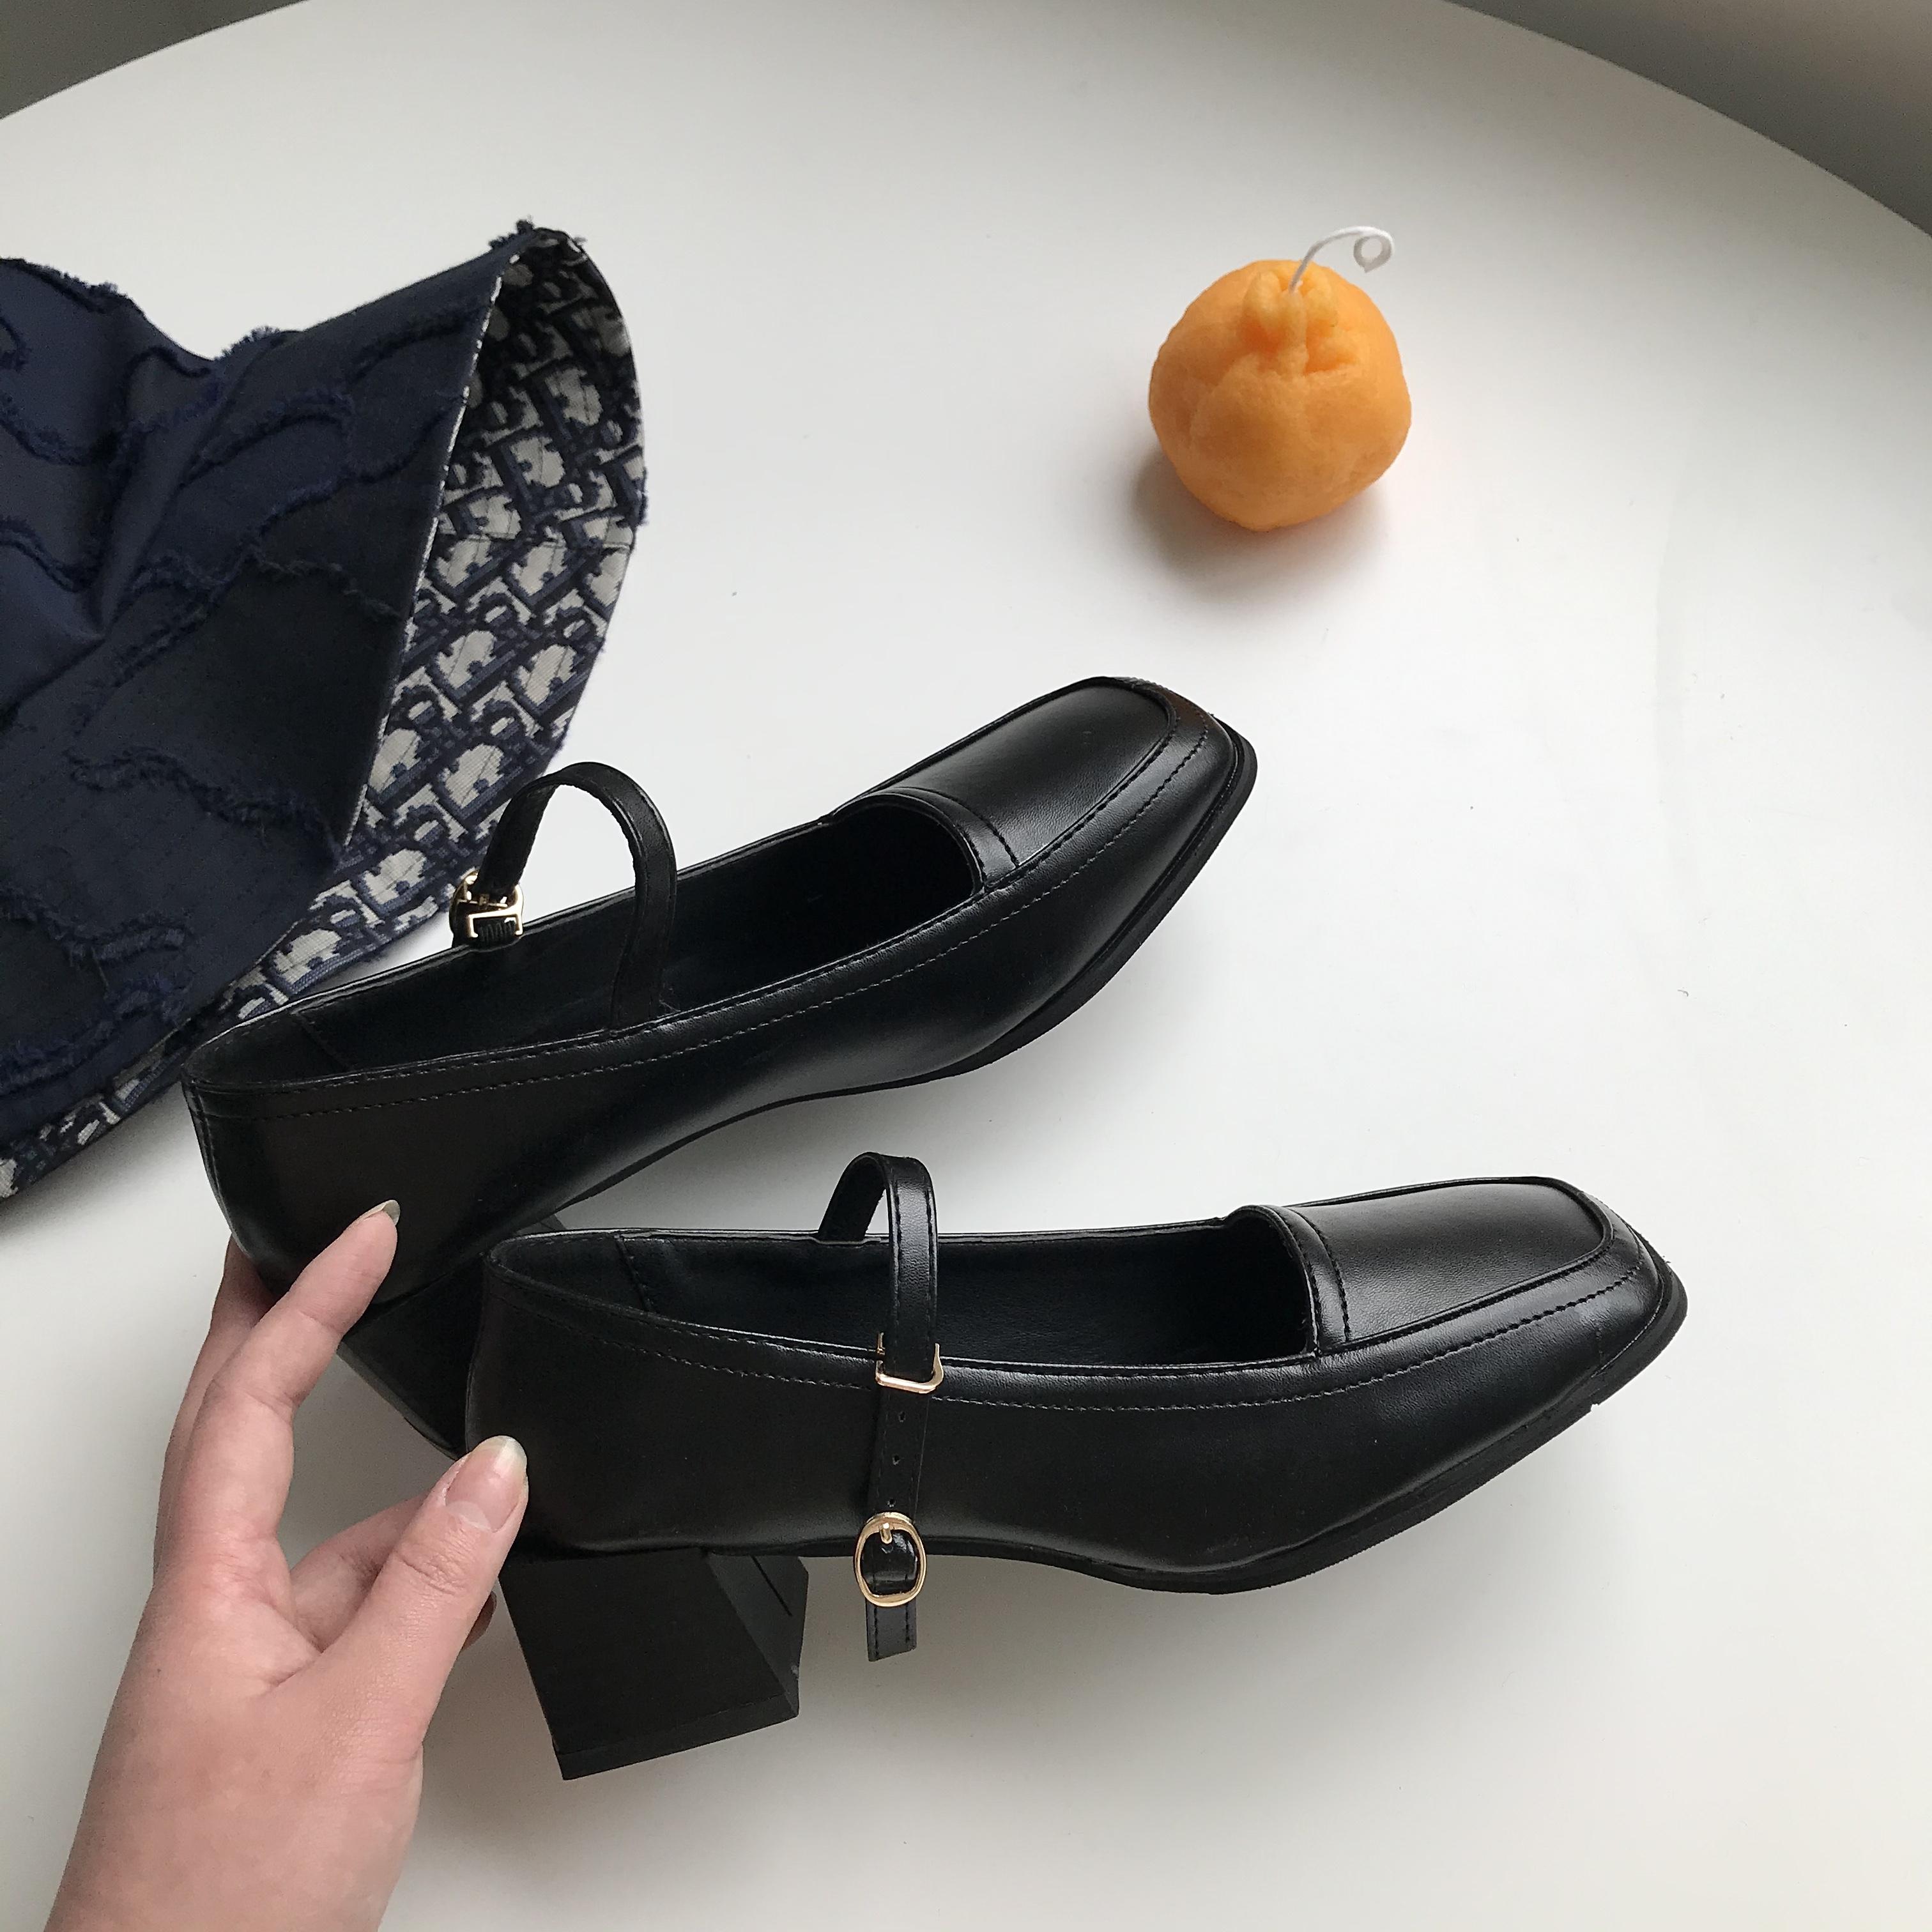 小sun家 复古玛丽珍鞋小皮鞋女2020夏黑色方头法式粗跟一字带凉鞋